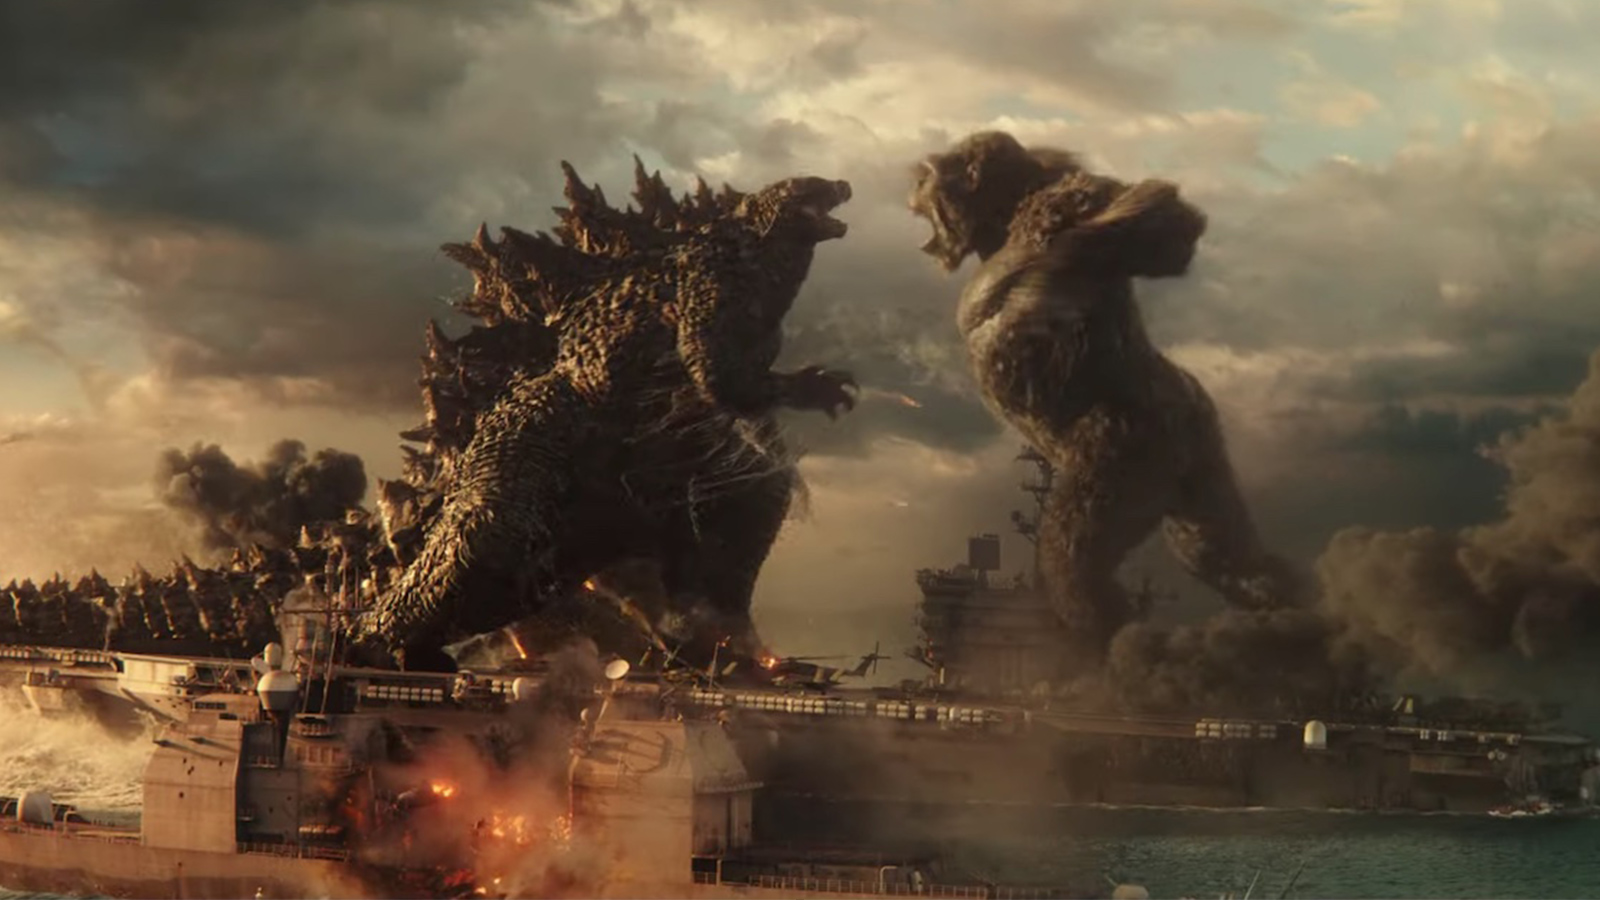 Mechagodzilla Godzilla vs Kong